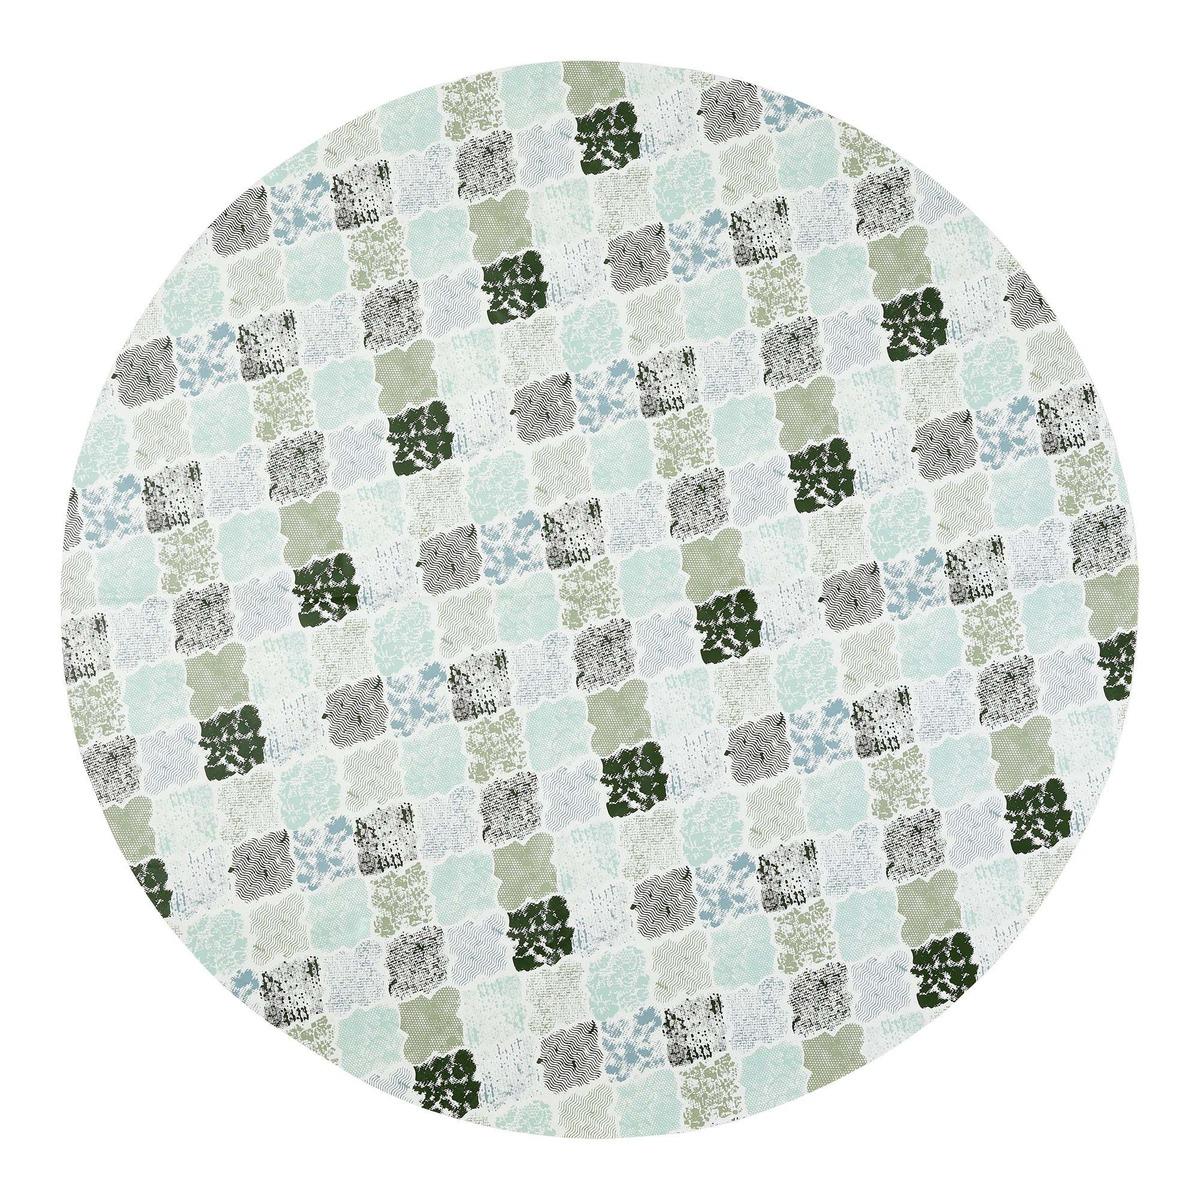 Bild 1 von Wachstuchtischdecke in verschiedenen Design, Ø ca. 140cm